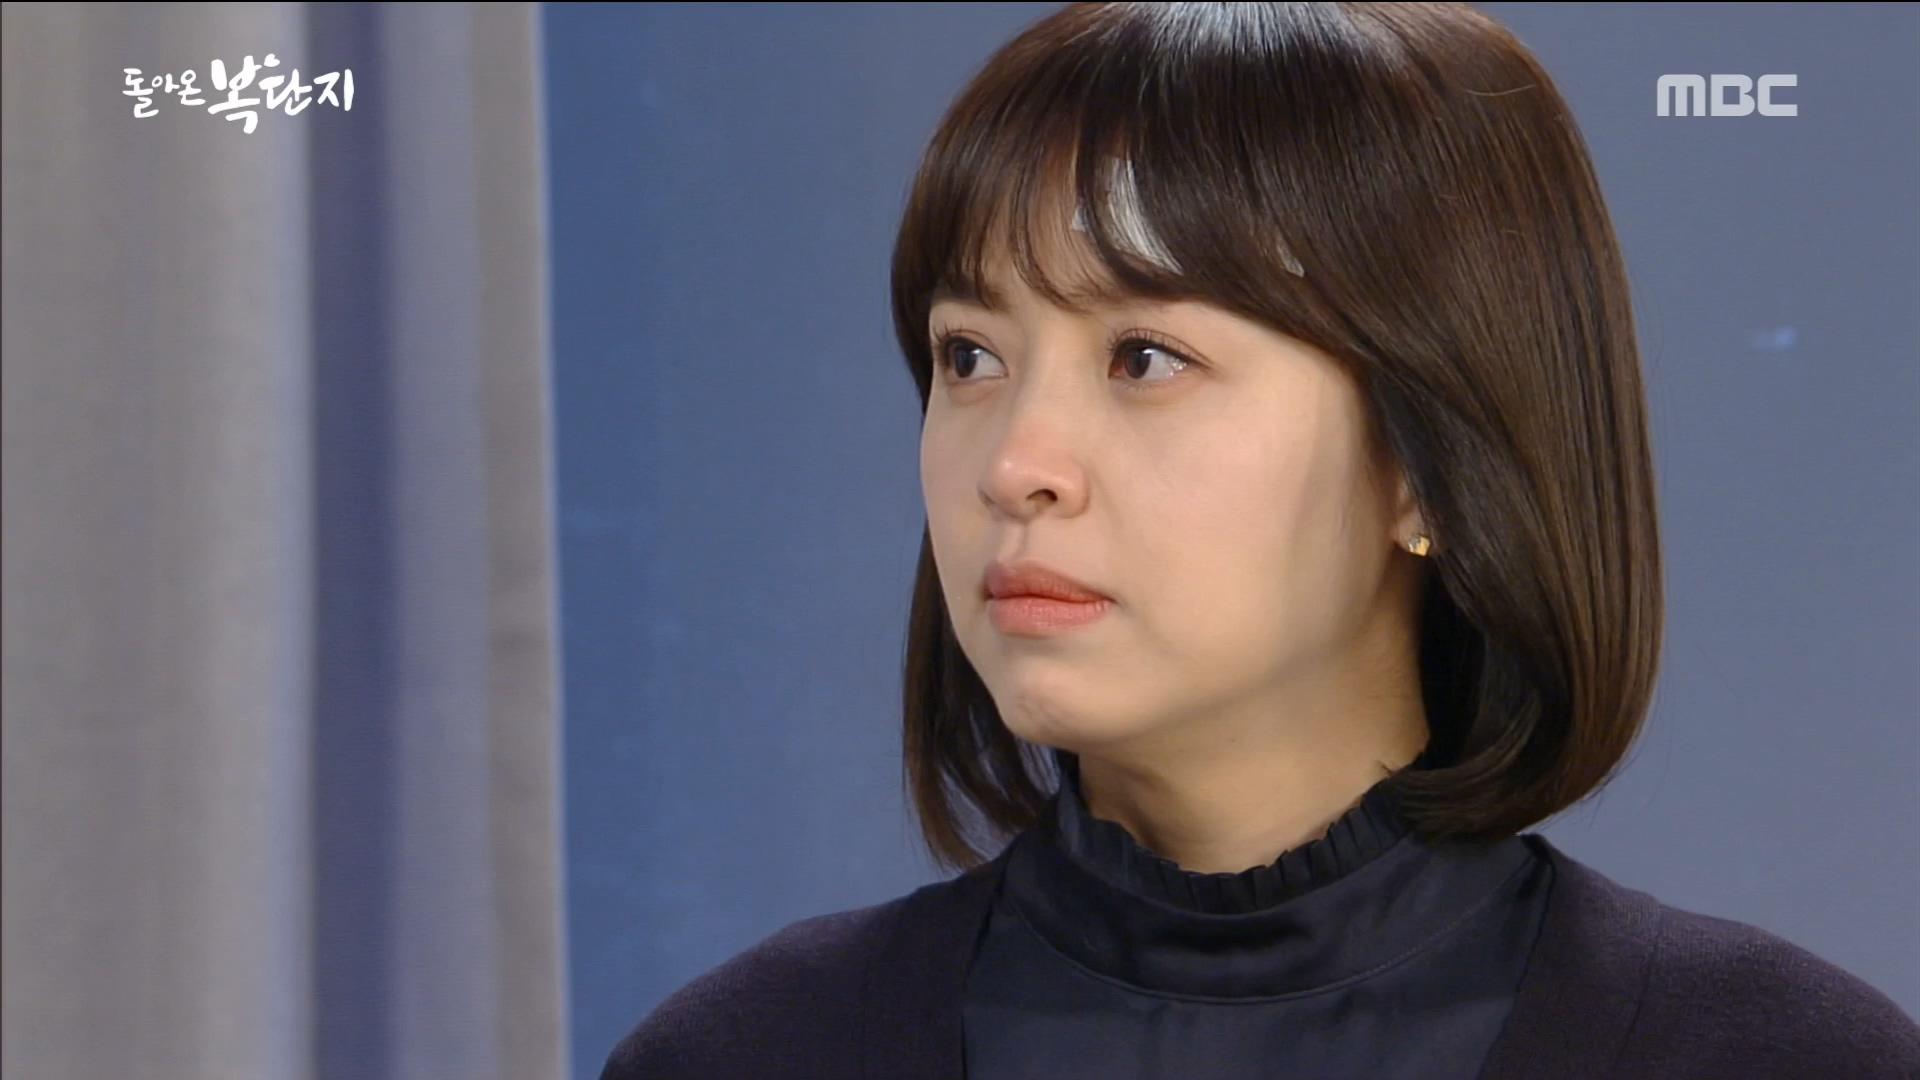 '딱 하루만 송준희와 같이..' 송선미, 강성연에 부탁